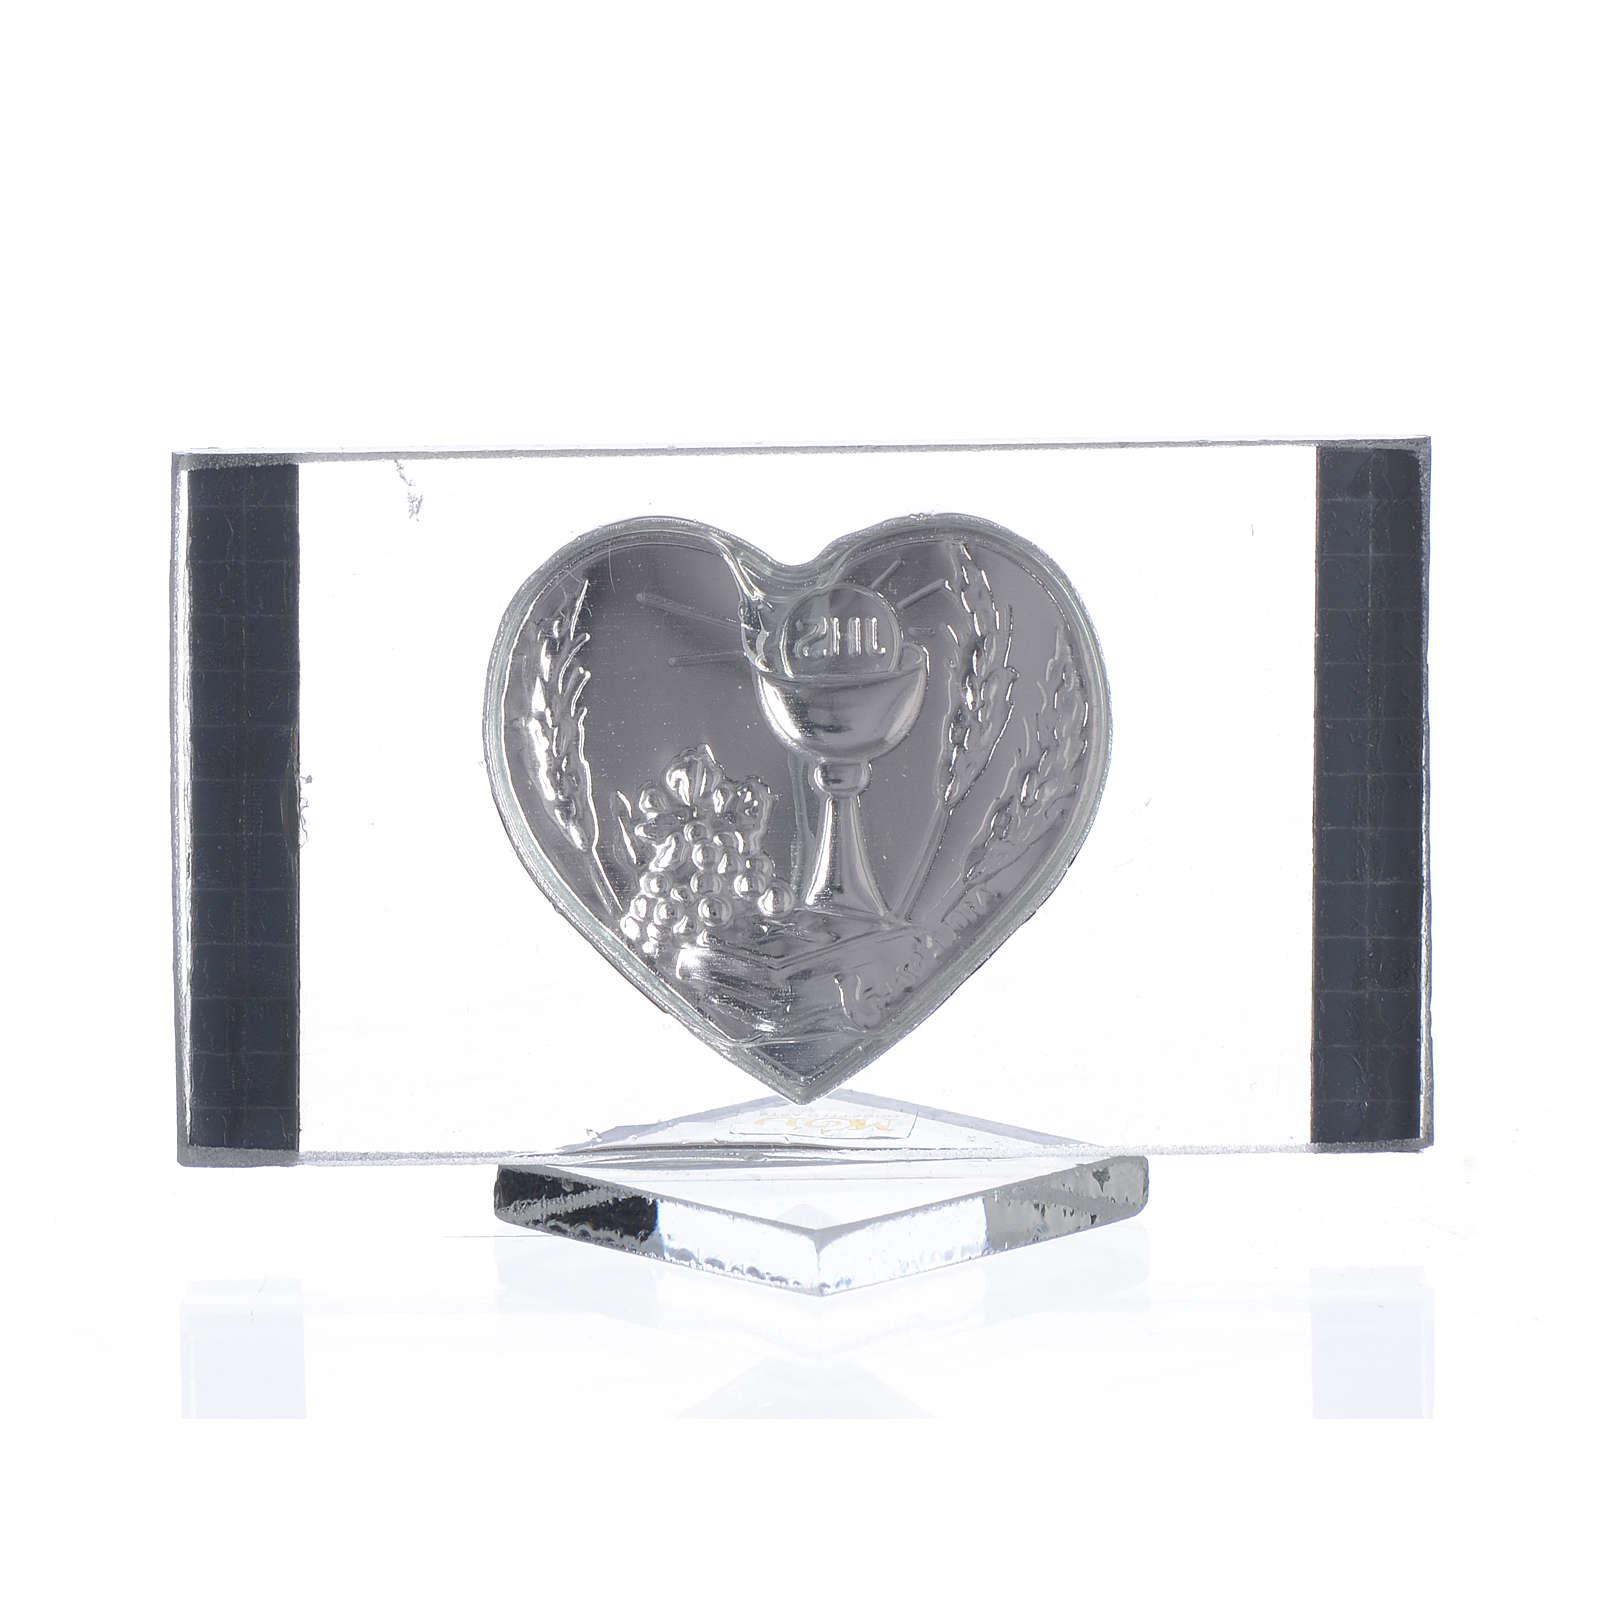 Lembrancinha comunhão rectangular coração 4,5x7 cm 3